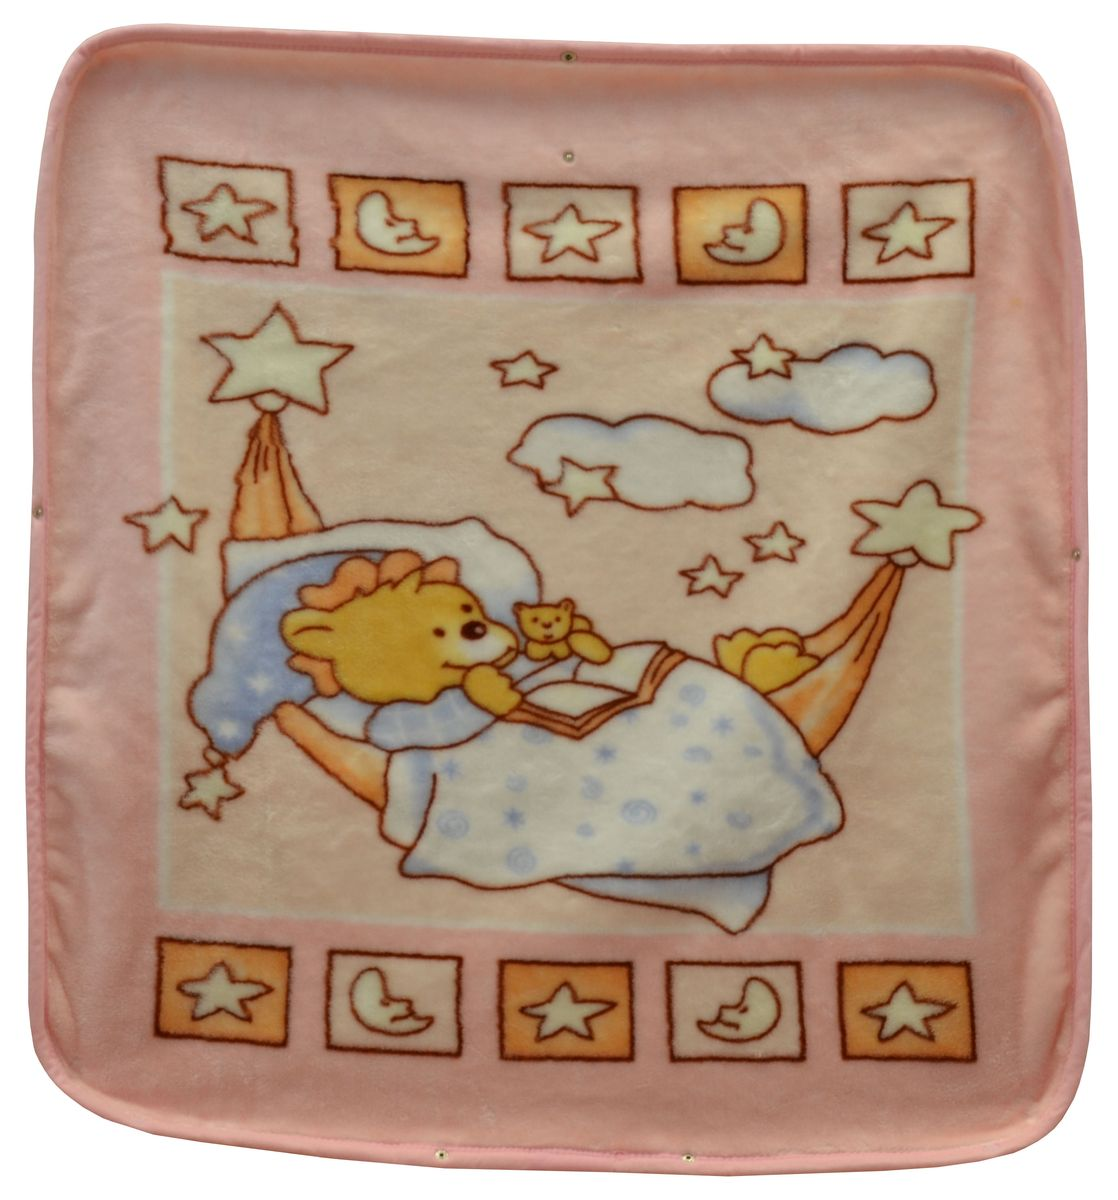 Bonne Fee Плед-накидка для младенцев на молнии 1, 80 х 90 см, цвет: розовыйОПОН/80-зелПлед-накидка для младенцев на молнии Bonne Fee - защита, тепло и комфорт для малышей - использован надёжный, качественный и мягкий материал! Удобство и спокойствие для родителей обеспечивается универсальностью пледа-накидки, конструкция которого позволяет ему легко превращаться в конвертик. Отличное качество и практичность! Любите своего ребёнка и дарите ему лучшее!